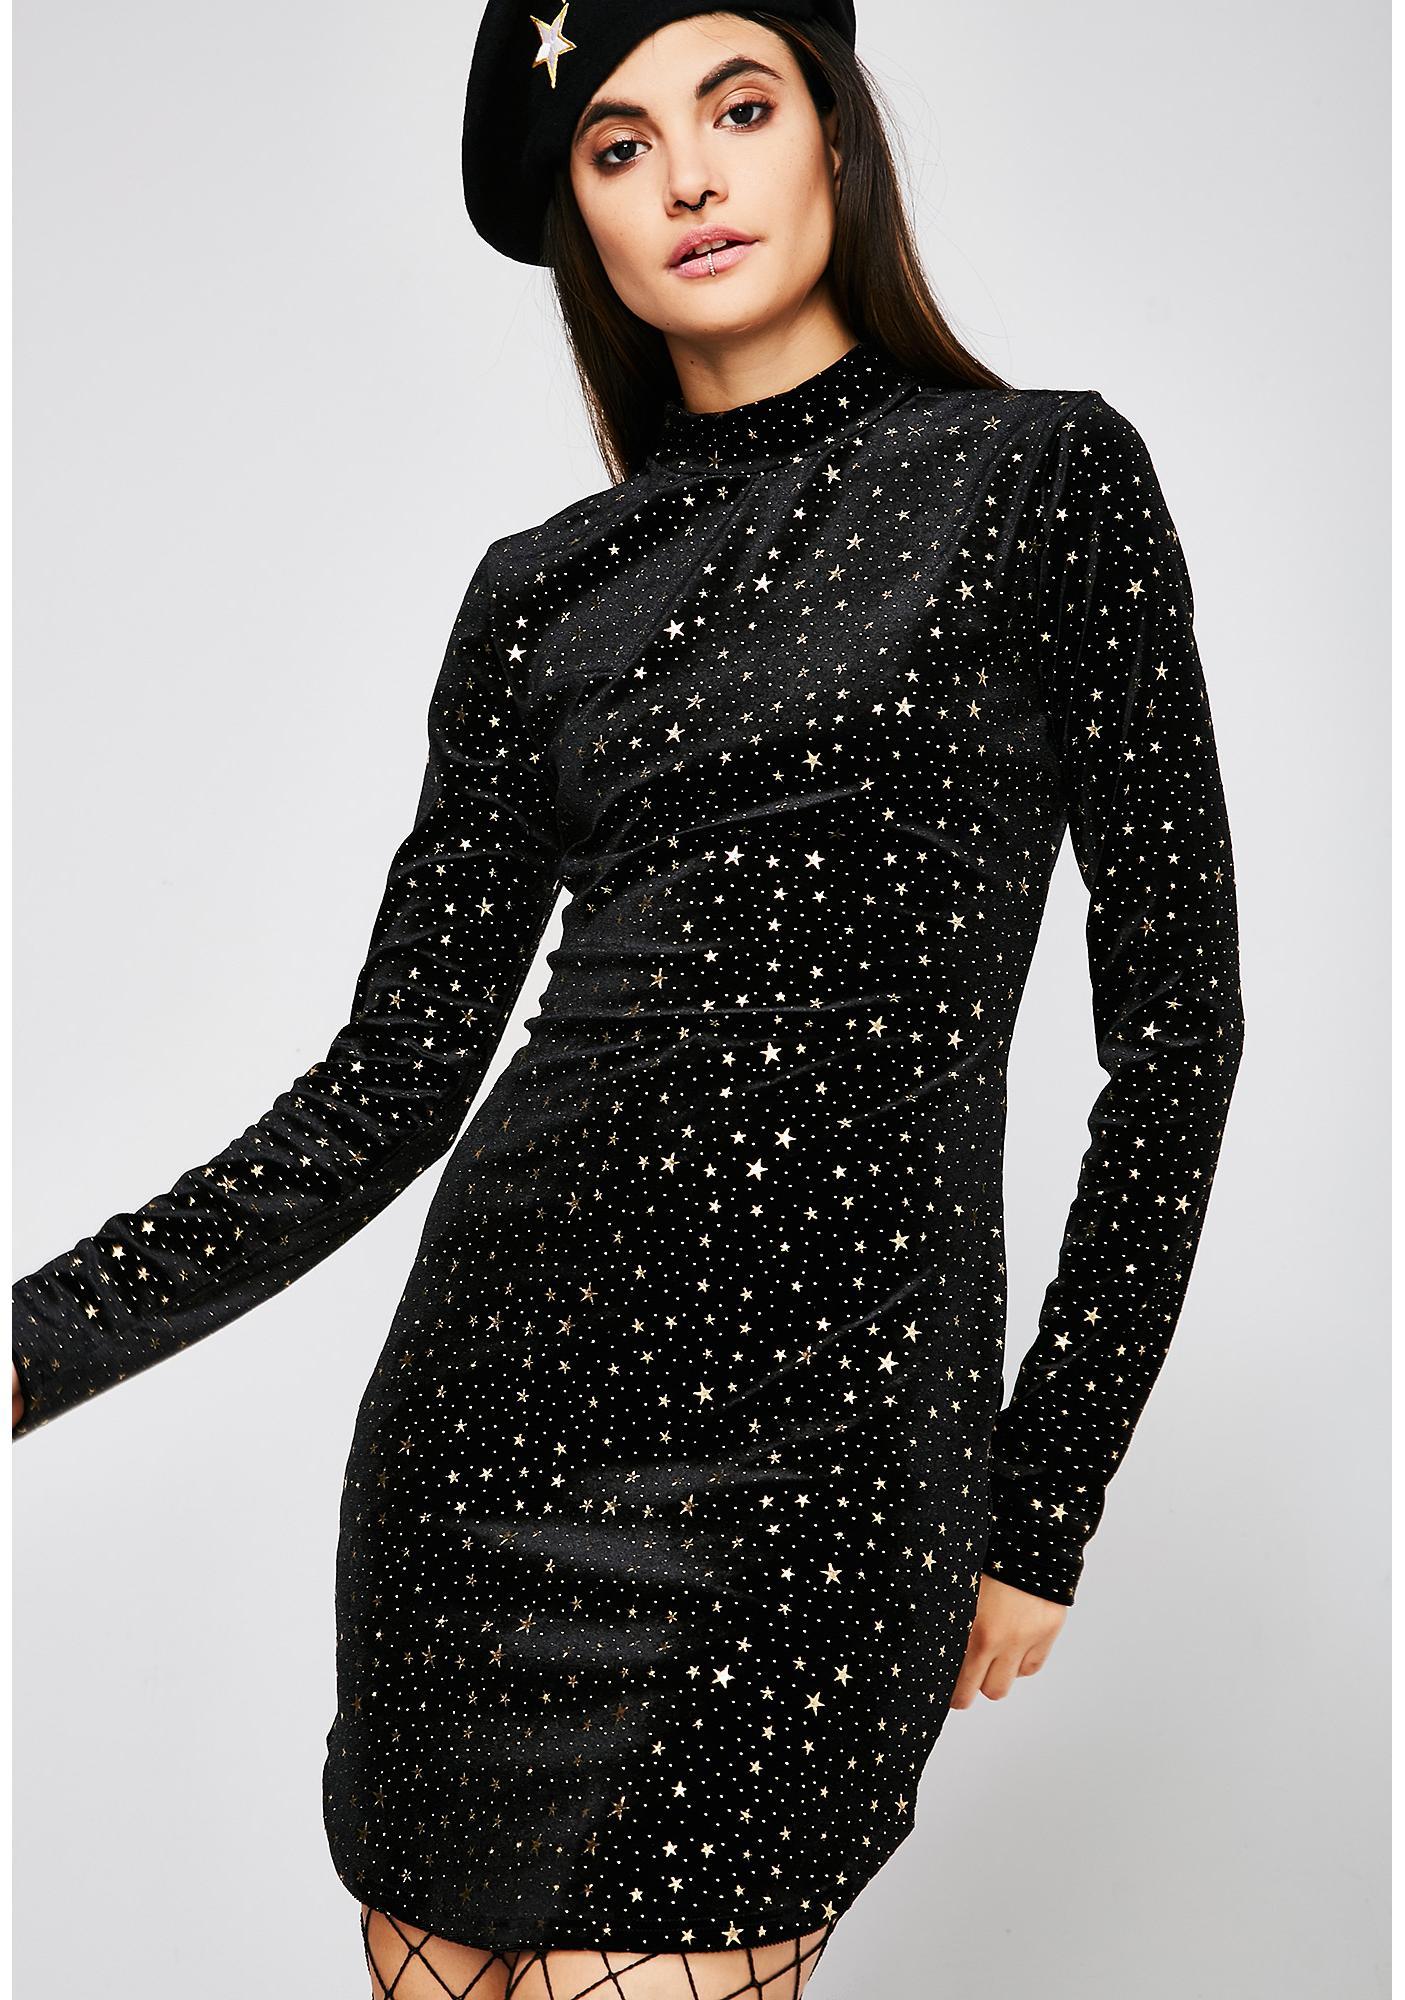 Fallin' Stars Velvet Dress